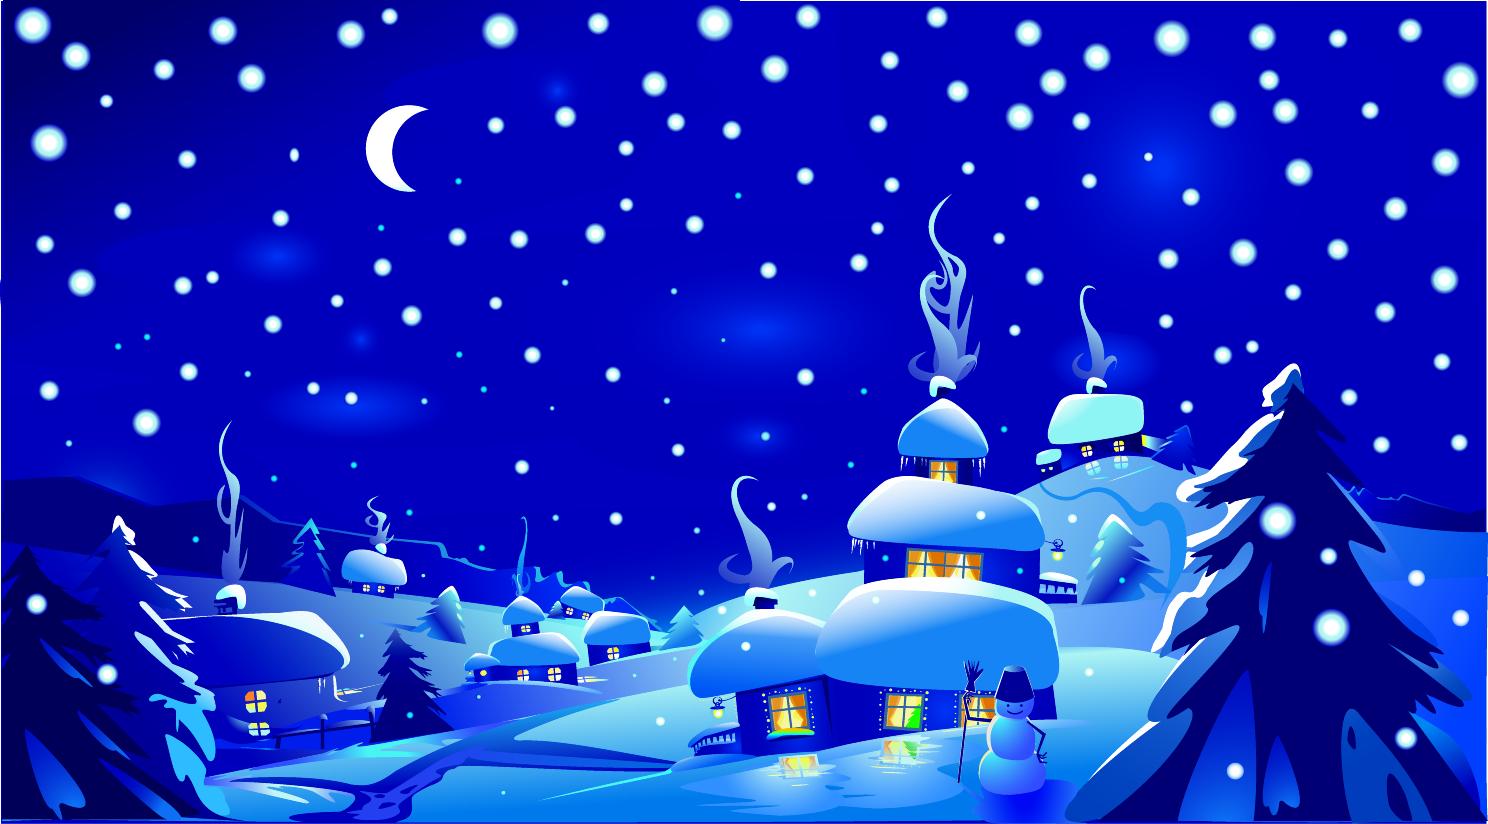 Fondos plateados buscar con google fondos navidad for Buscar dibujos de navidad